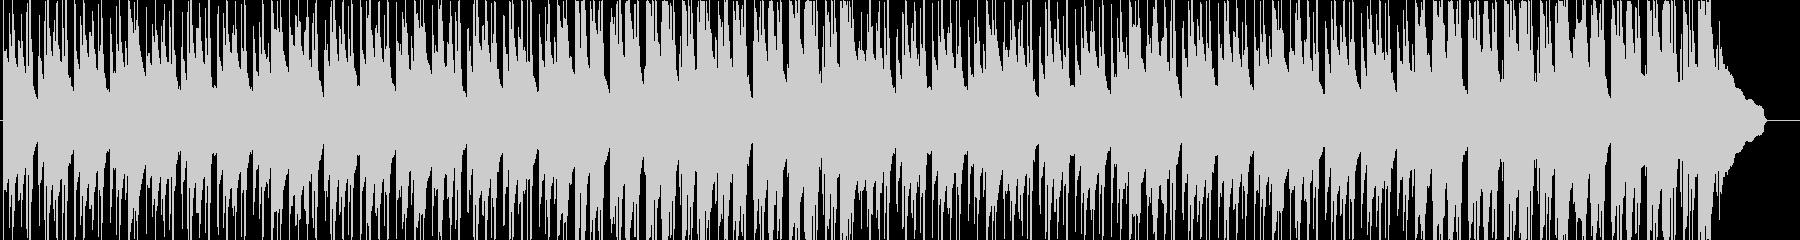 手拍子でポップなわくわくするイメージの未再生の波形